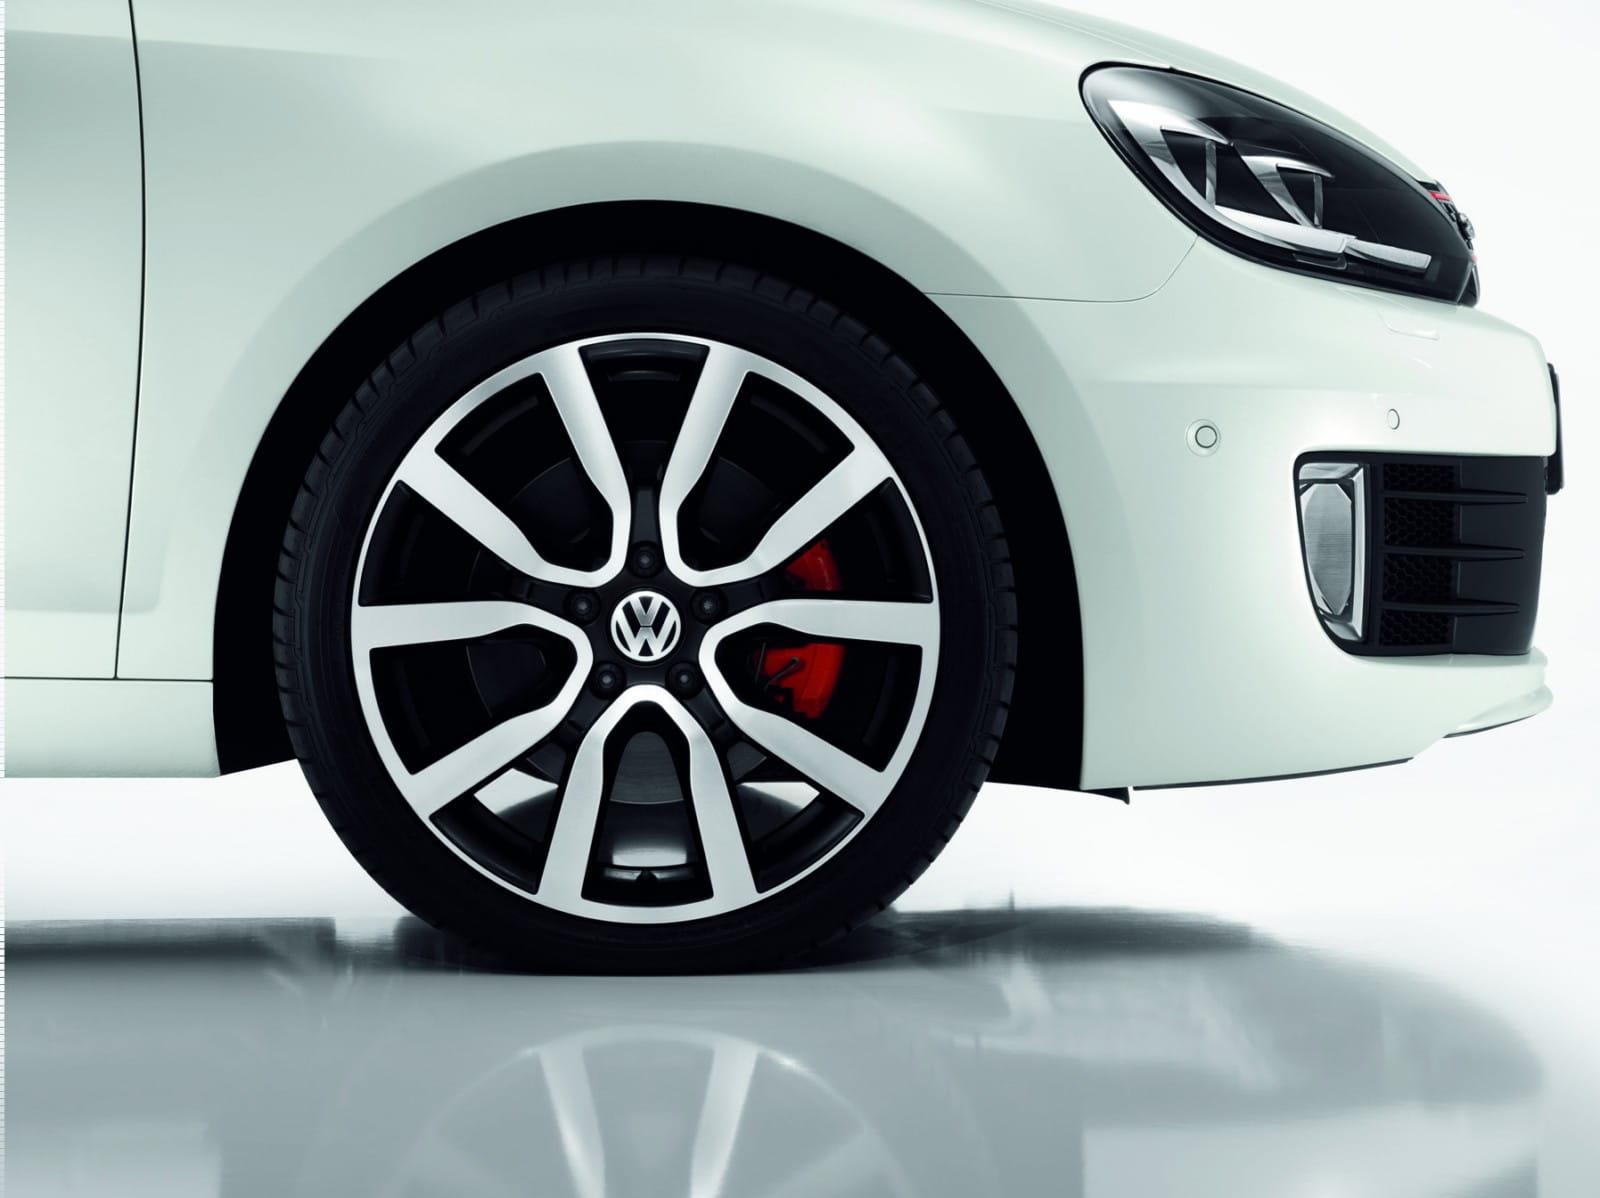 Reunión Odia Amplificar  Volkswagen Golf GTI Adidas, en Wörthersee 2010   Diariomotor